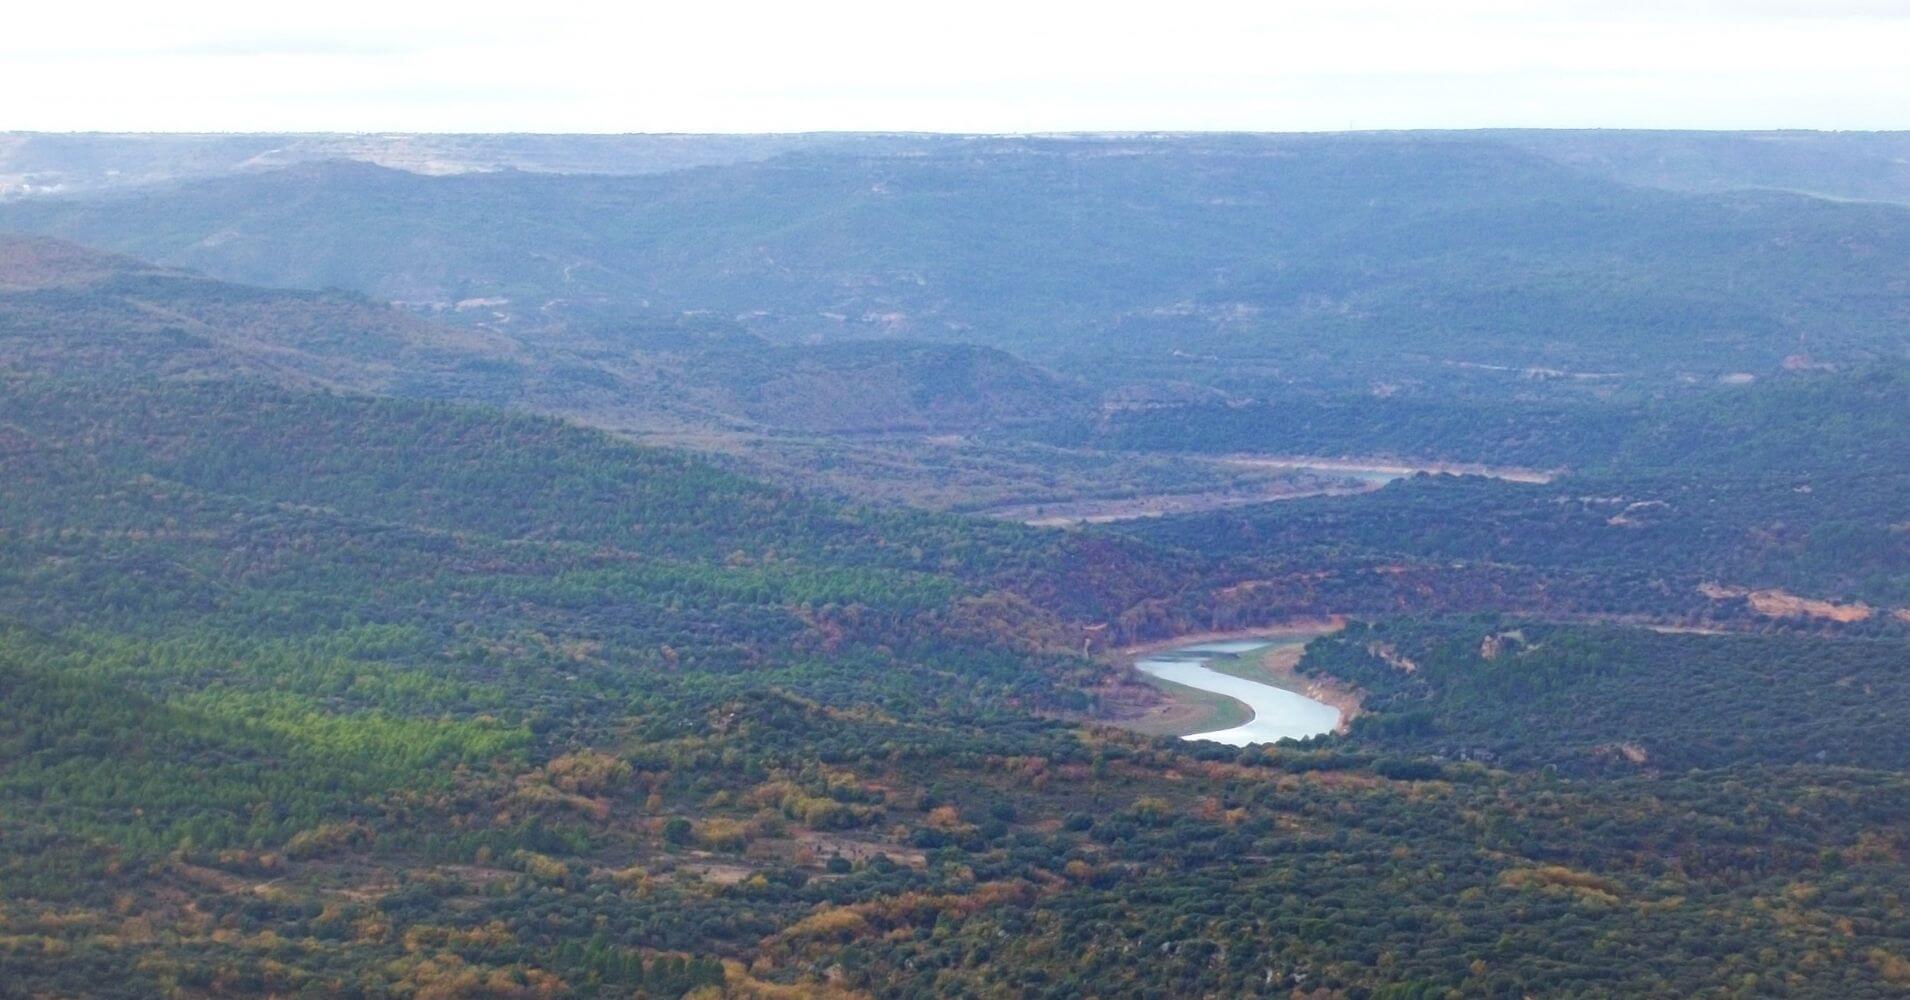 Meandros del Río Tajo desde la cumbre. Guadalajara. Castilla la Mancha.